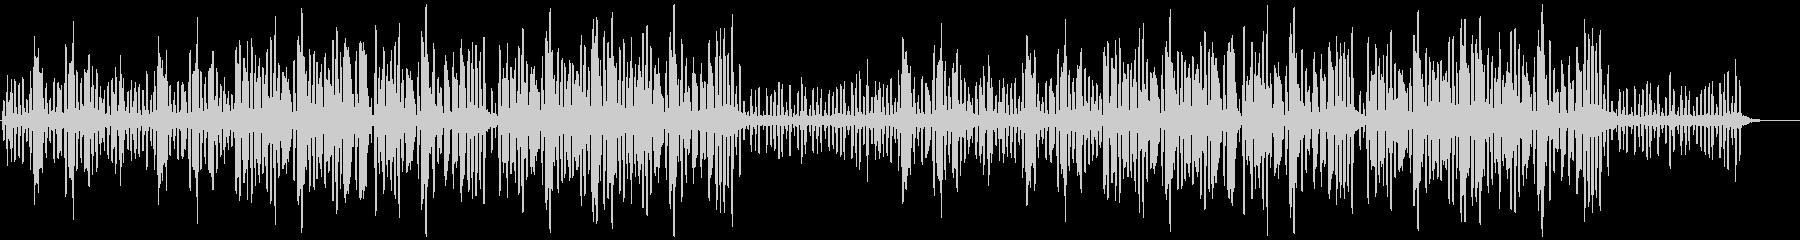 リコーダーの元気で可愛い曲1_ロングの未再生の波形